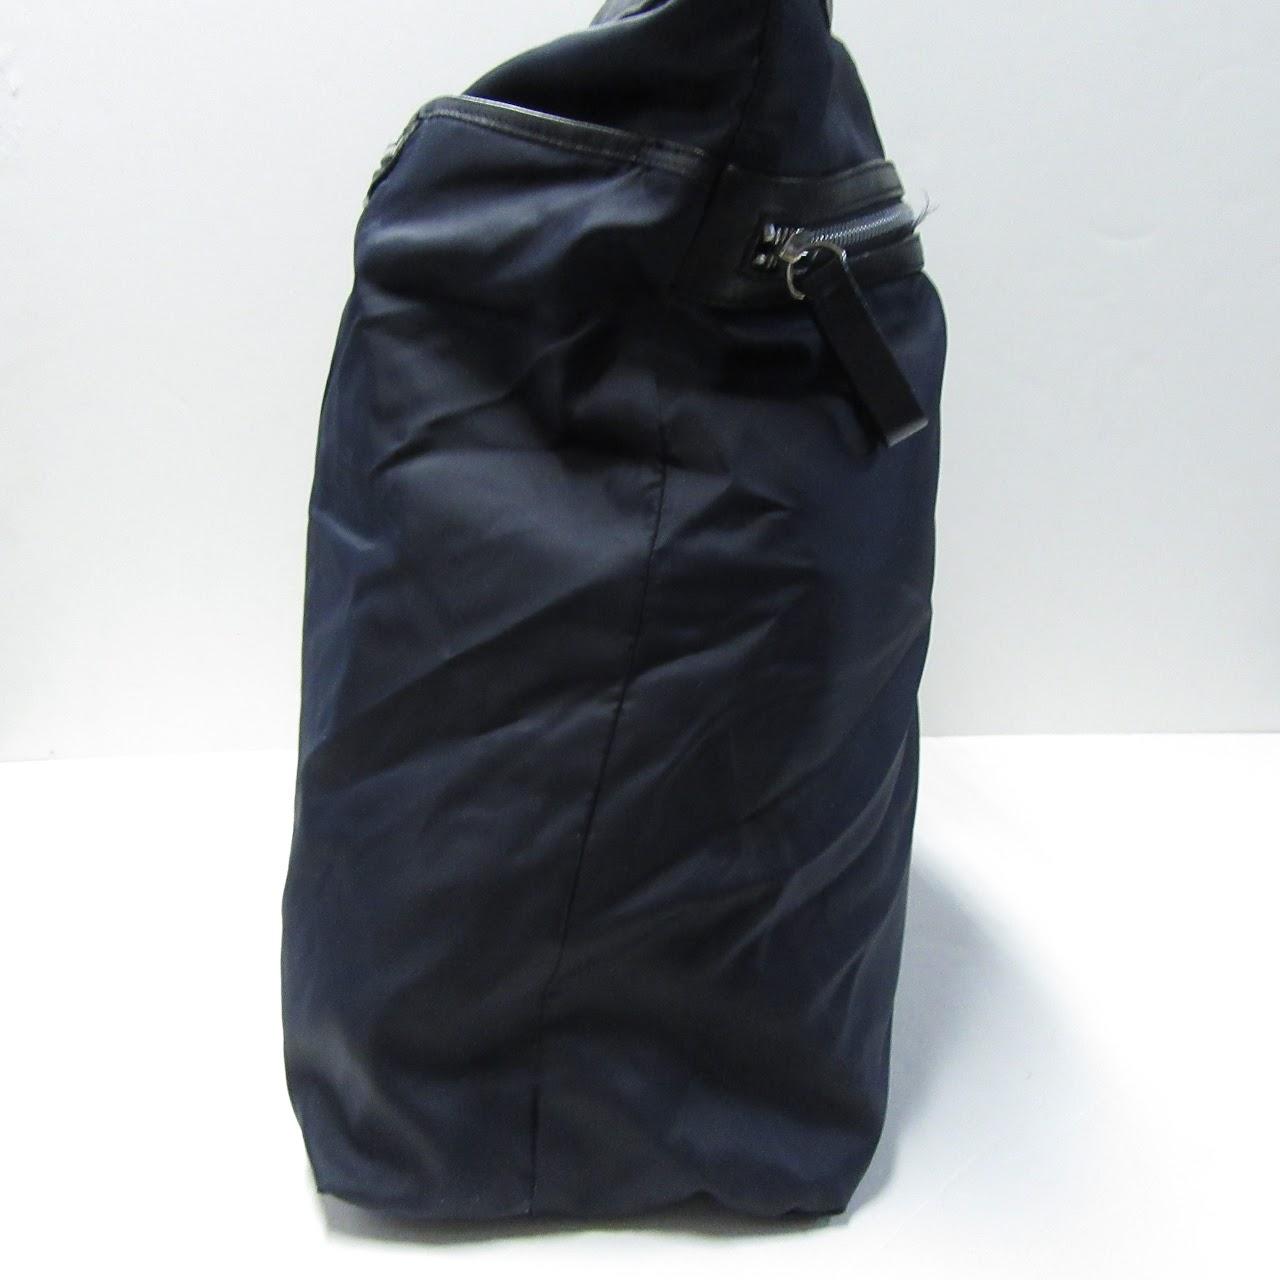 824bca8419 Yohji Yamamoto X Mandarina Duck Y s Mandarina Mens Bag ...